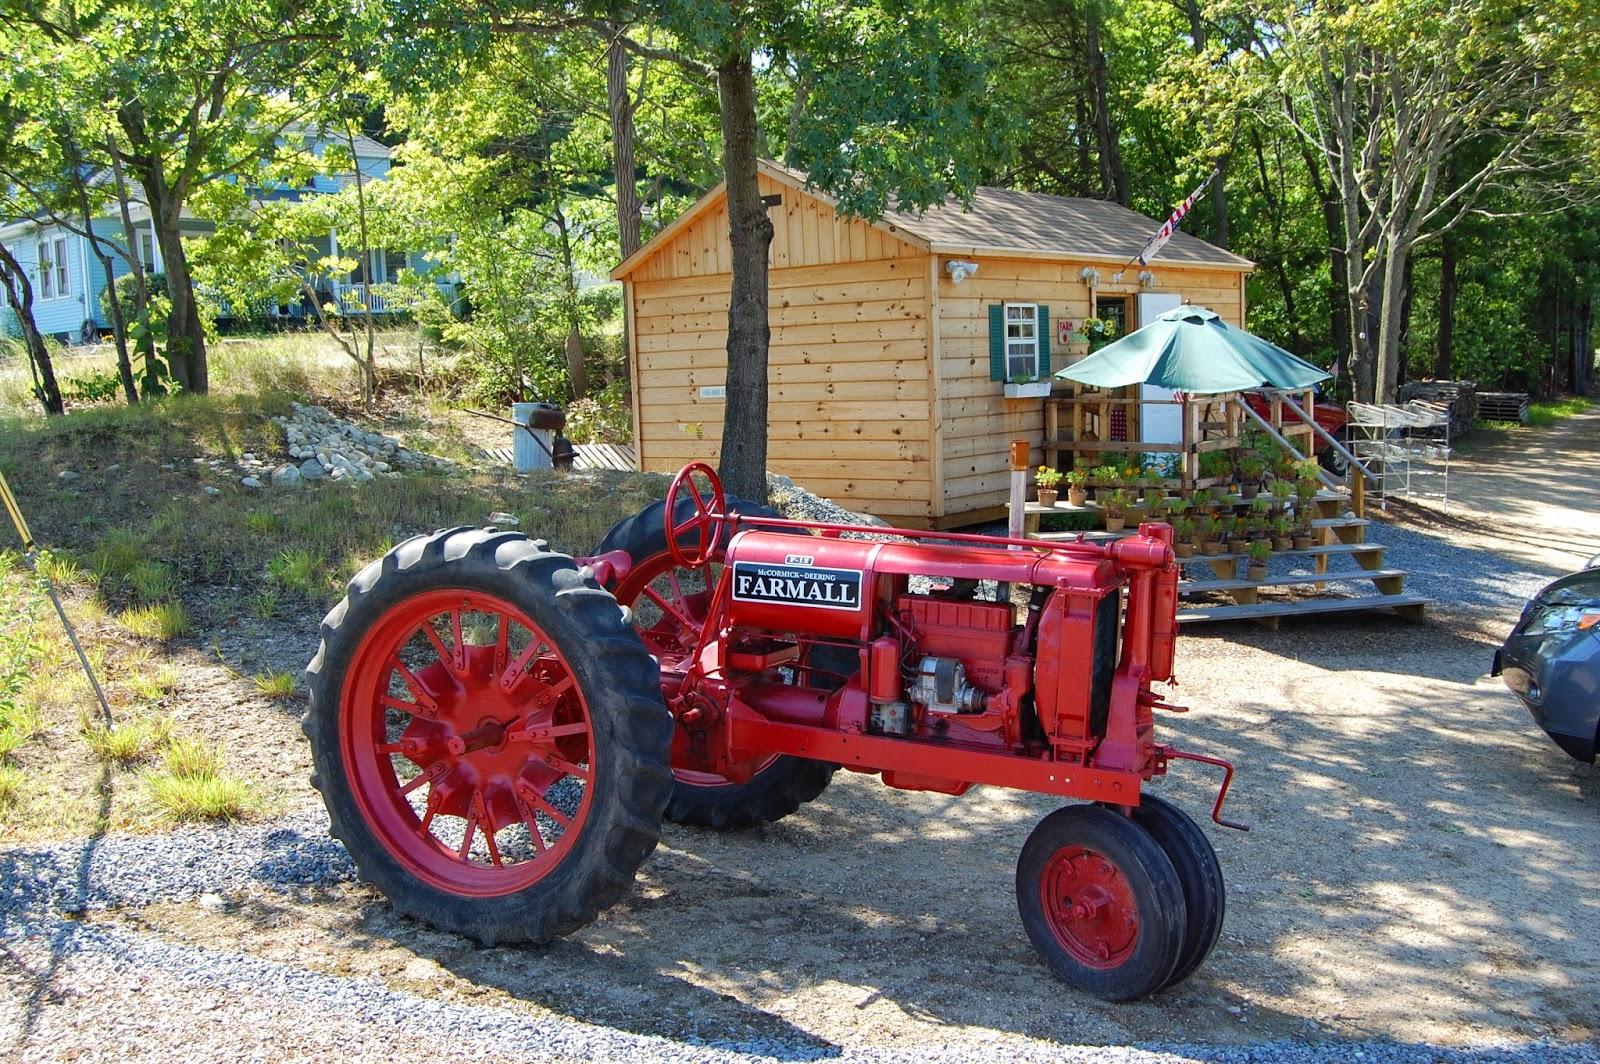 Akin Bak Farm is on RT 140 in Franklin